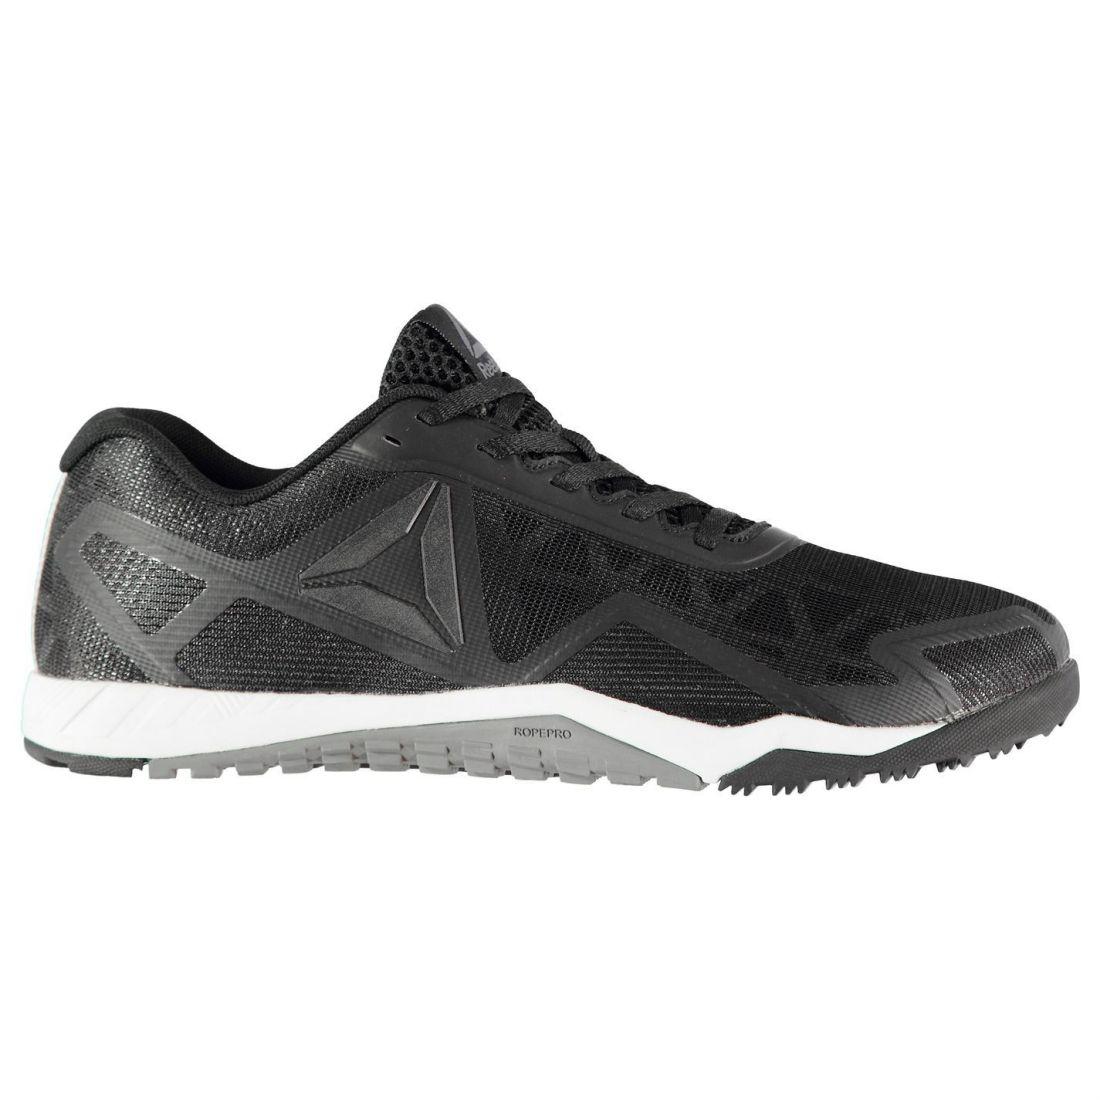 0 Para para Workout 2 Reebok hombre cordones con hombre blanco Zapatillas Deporte Zapatillas Negro xtwqY4nTY